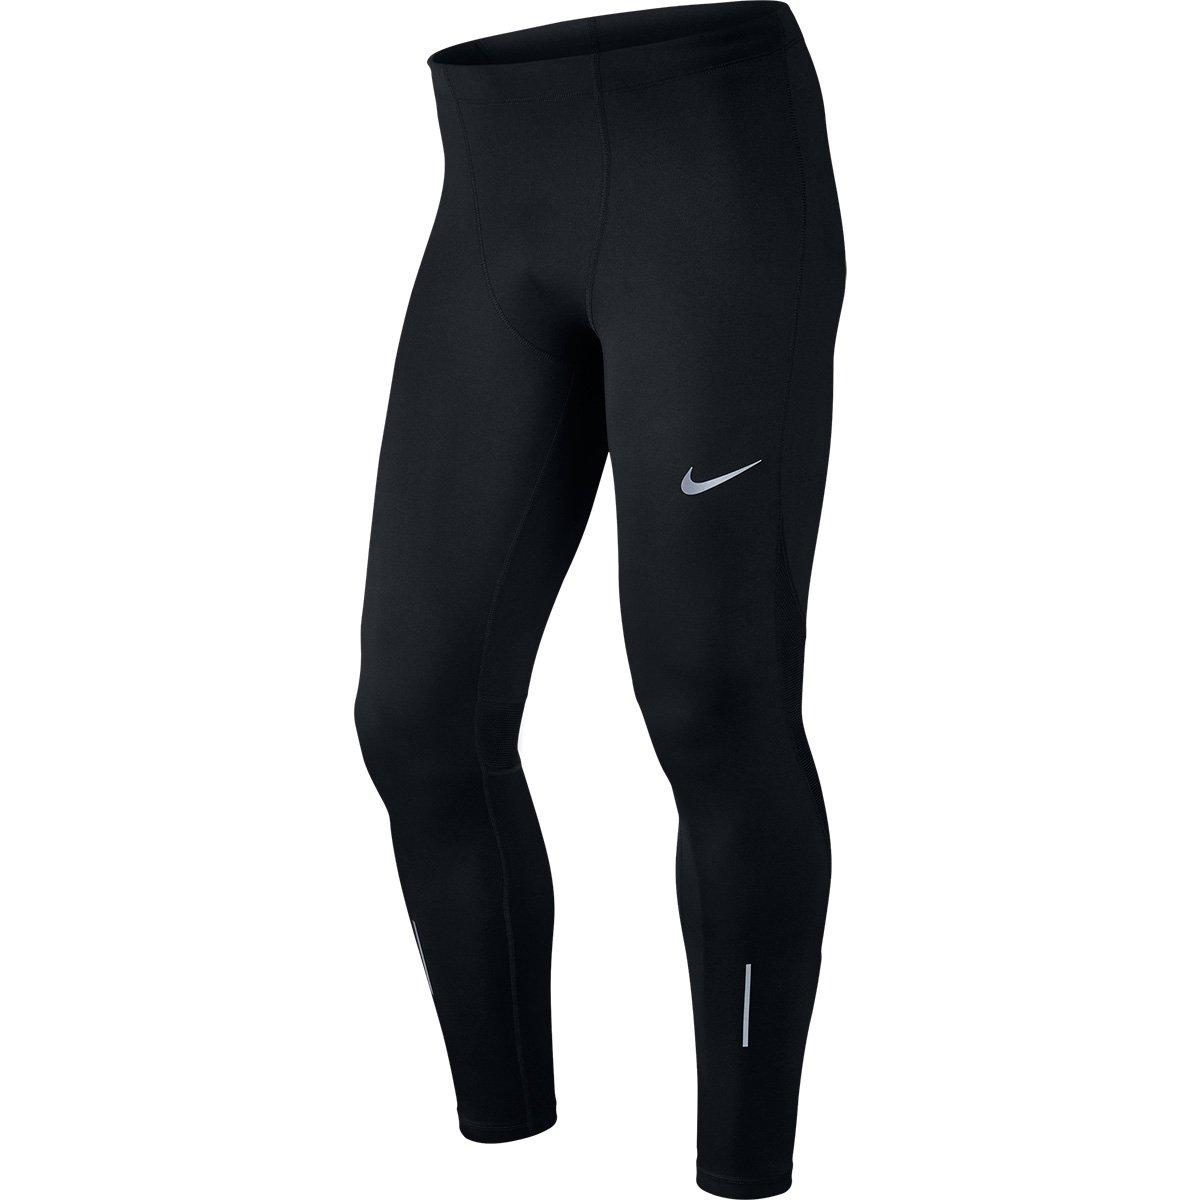 c62856283e0 Calça Nike Power Run TGHT Dri-Fit Masculina - Preto - Compre Agora ...